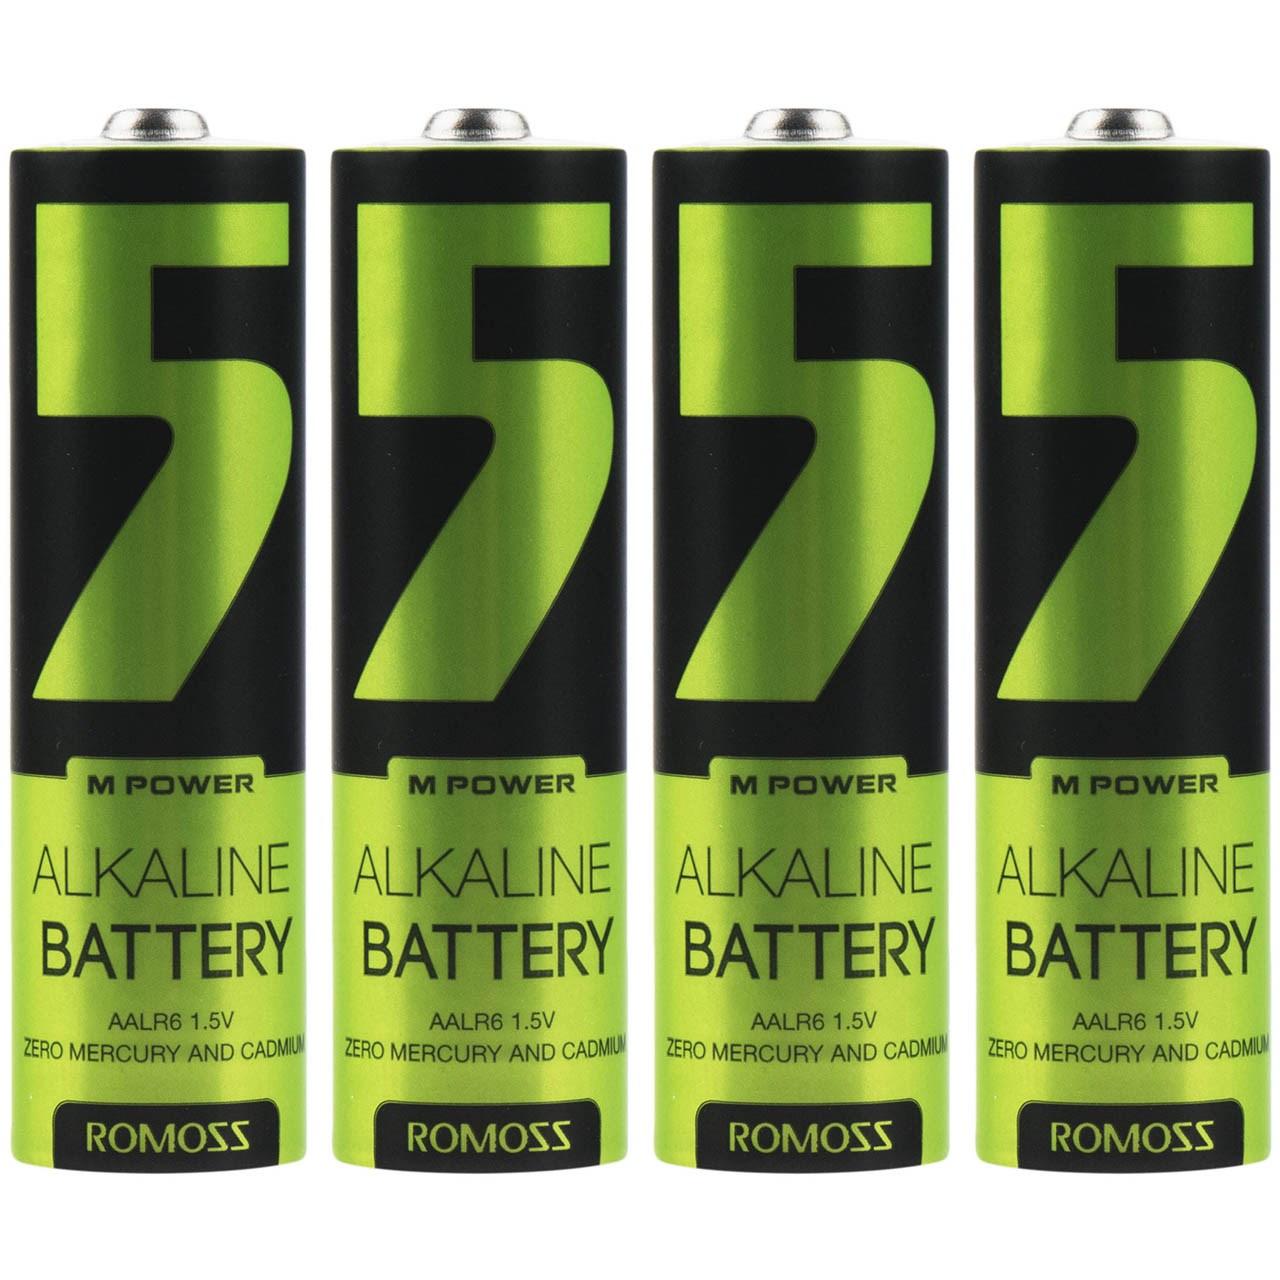 باتری قلمی روموس مدل Alkaline بسته 4 عددی